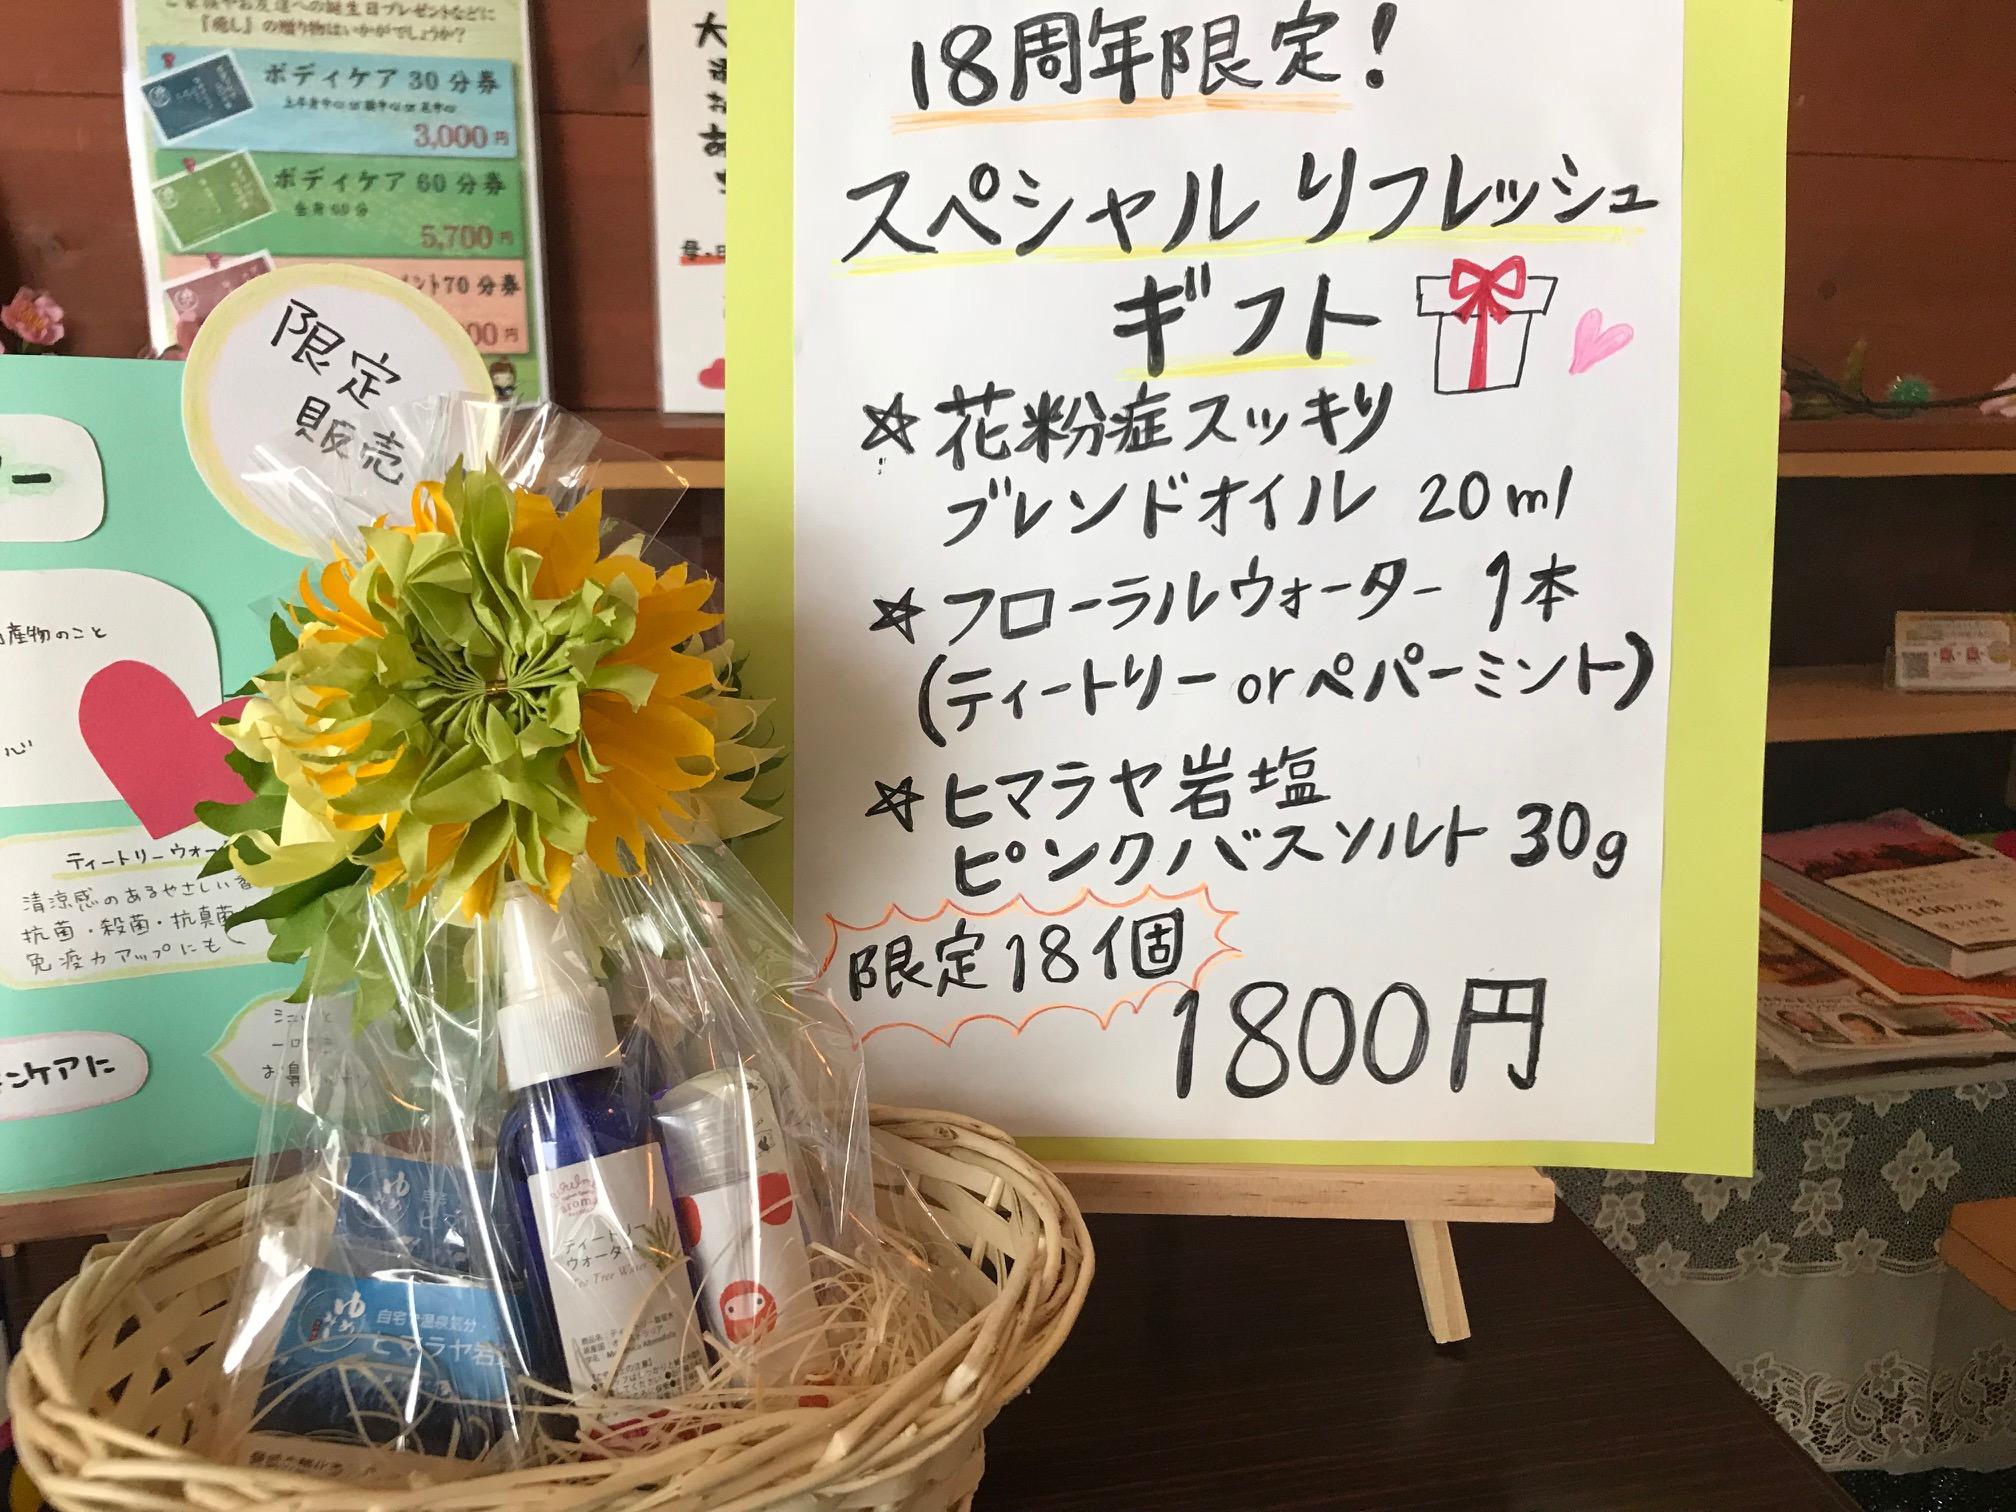 伏見大手筋店★18周年限定ギフトのご案内★